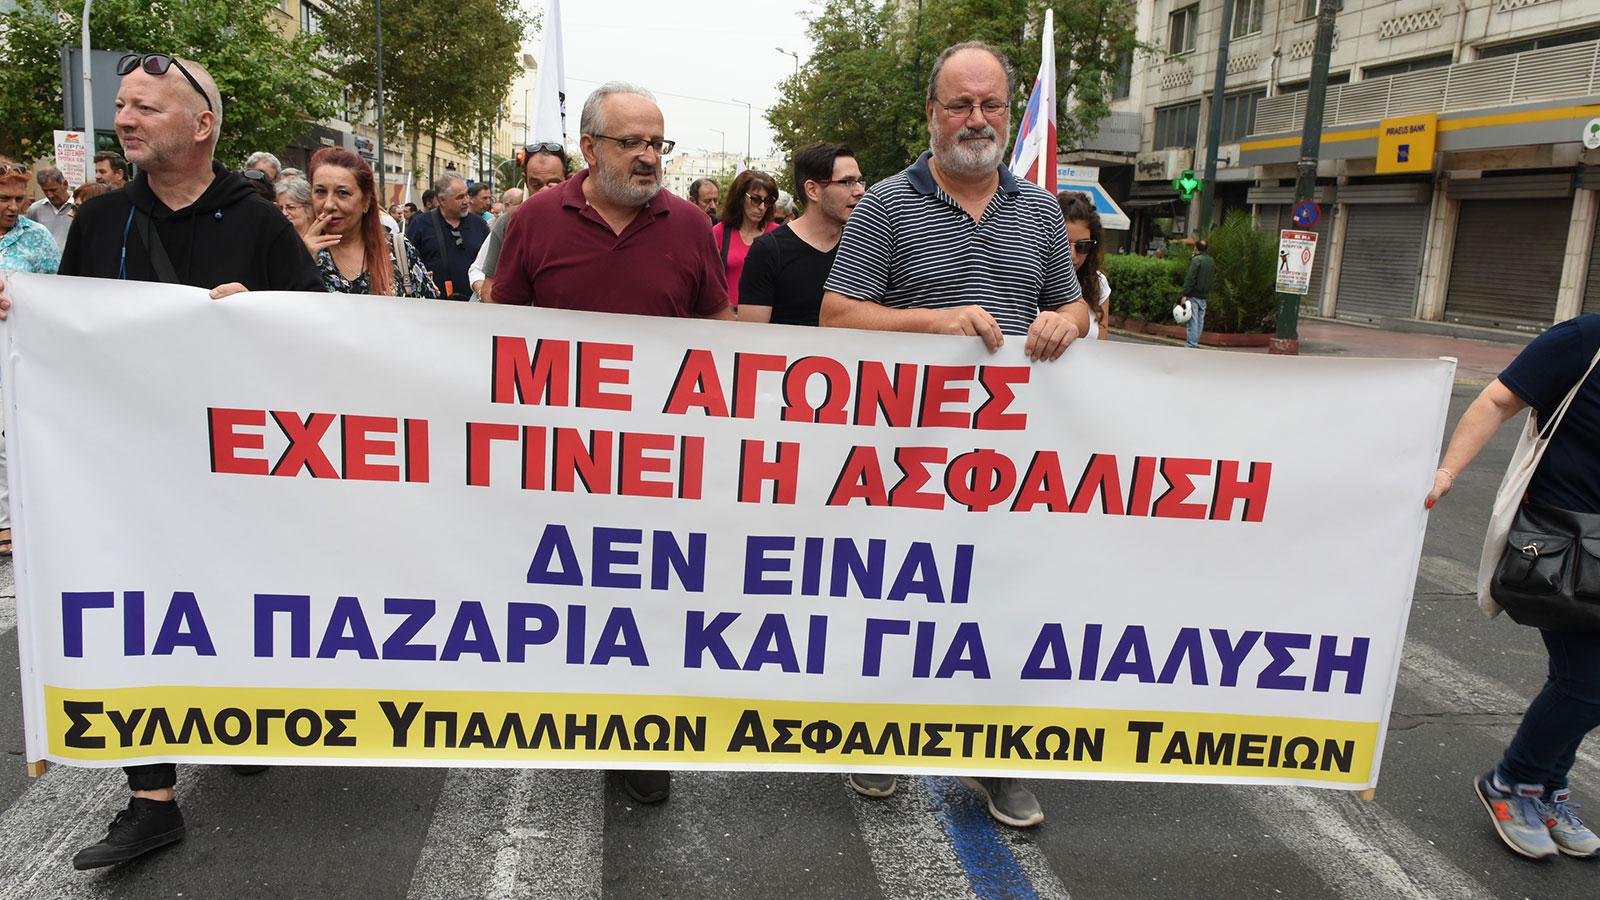 Άρθρο του Τάσου Ζερβού, Πρόεδρος του Συλλόγου Υπαλλήλων Ασφαλιστικών Ταμείων